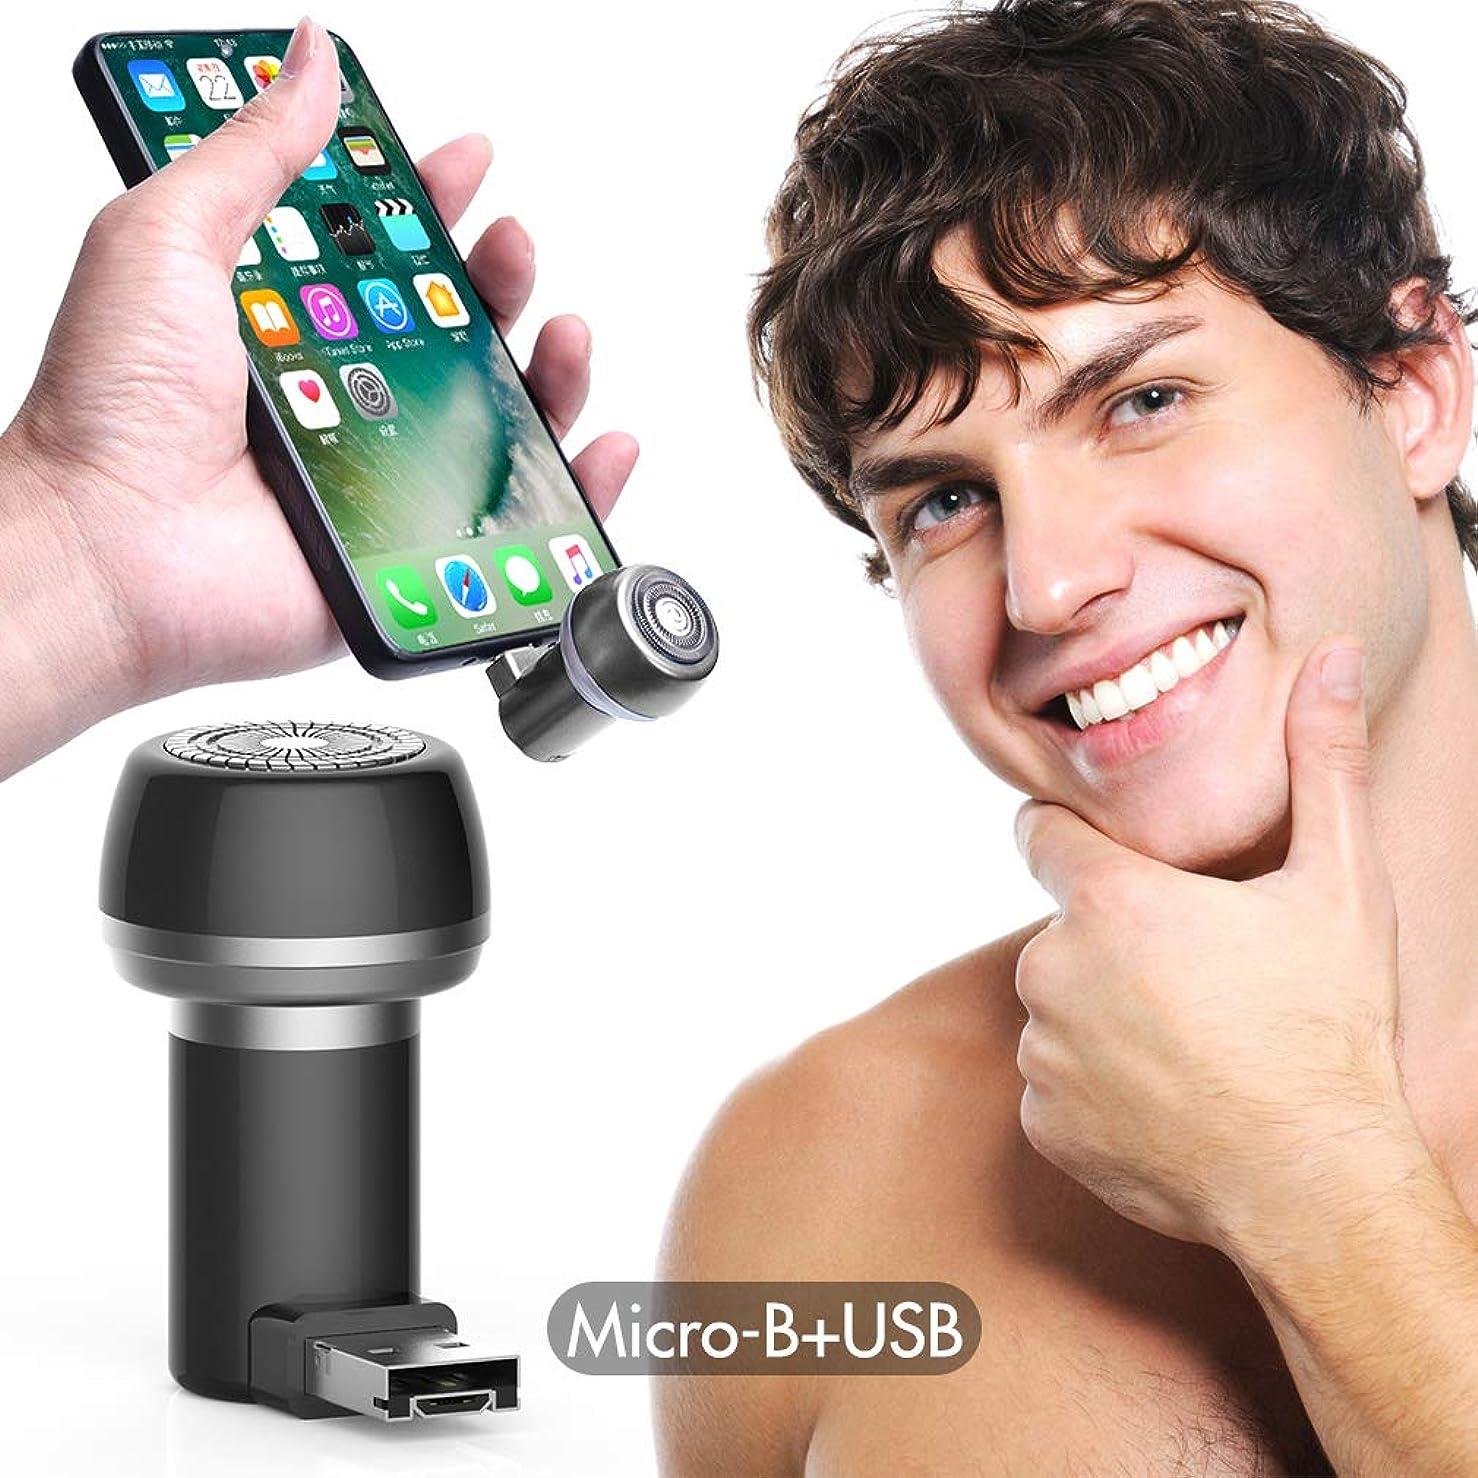 怪しいパック剛性メンズシェーバー 磁気電気シェーバー 電気シェーバー type-cポート/USB充電式 持ち運び便利 ビジネス 通勤用 洗い可 旅行する Micro-USB